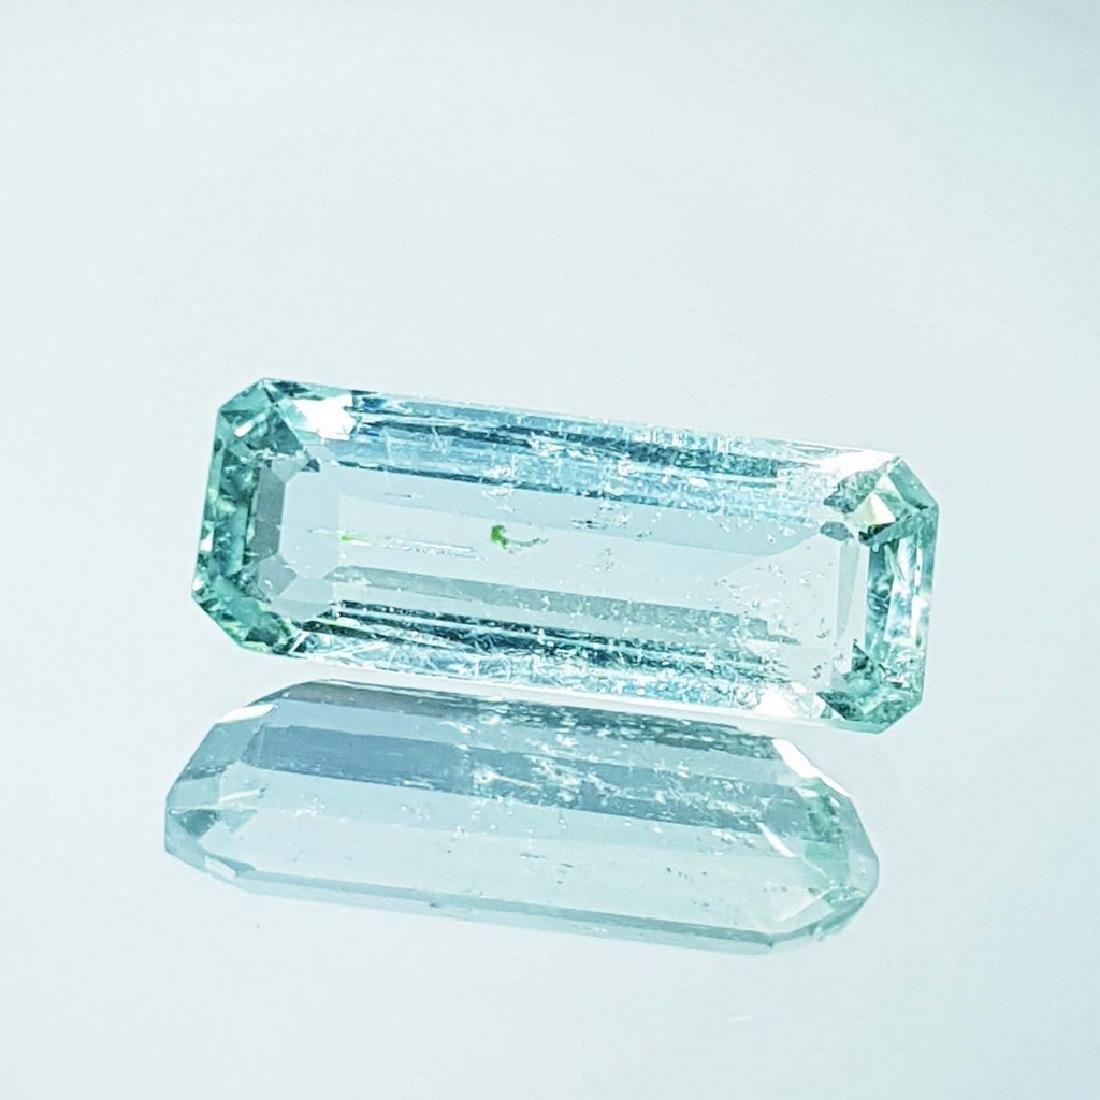 Aquamarine - 5.32 ct